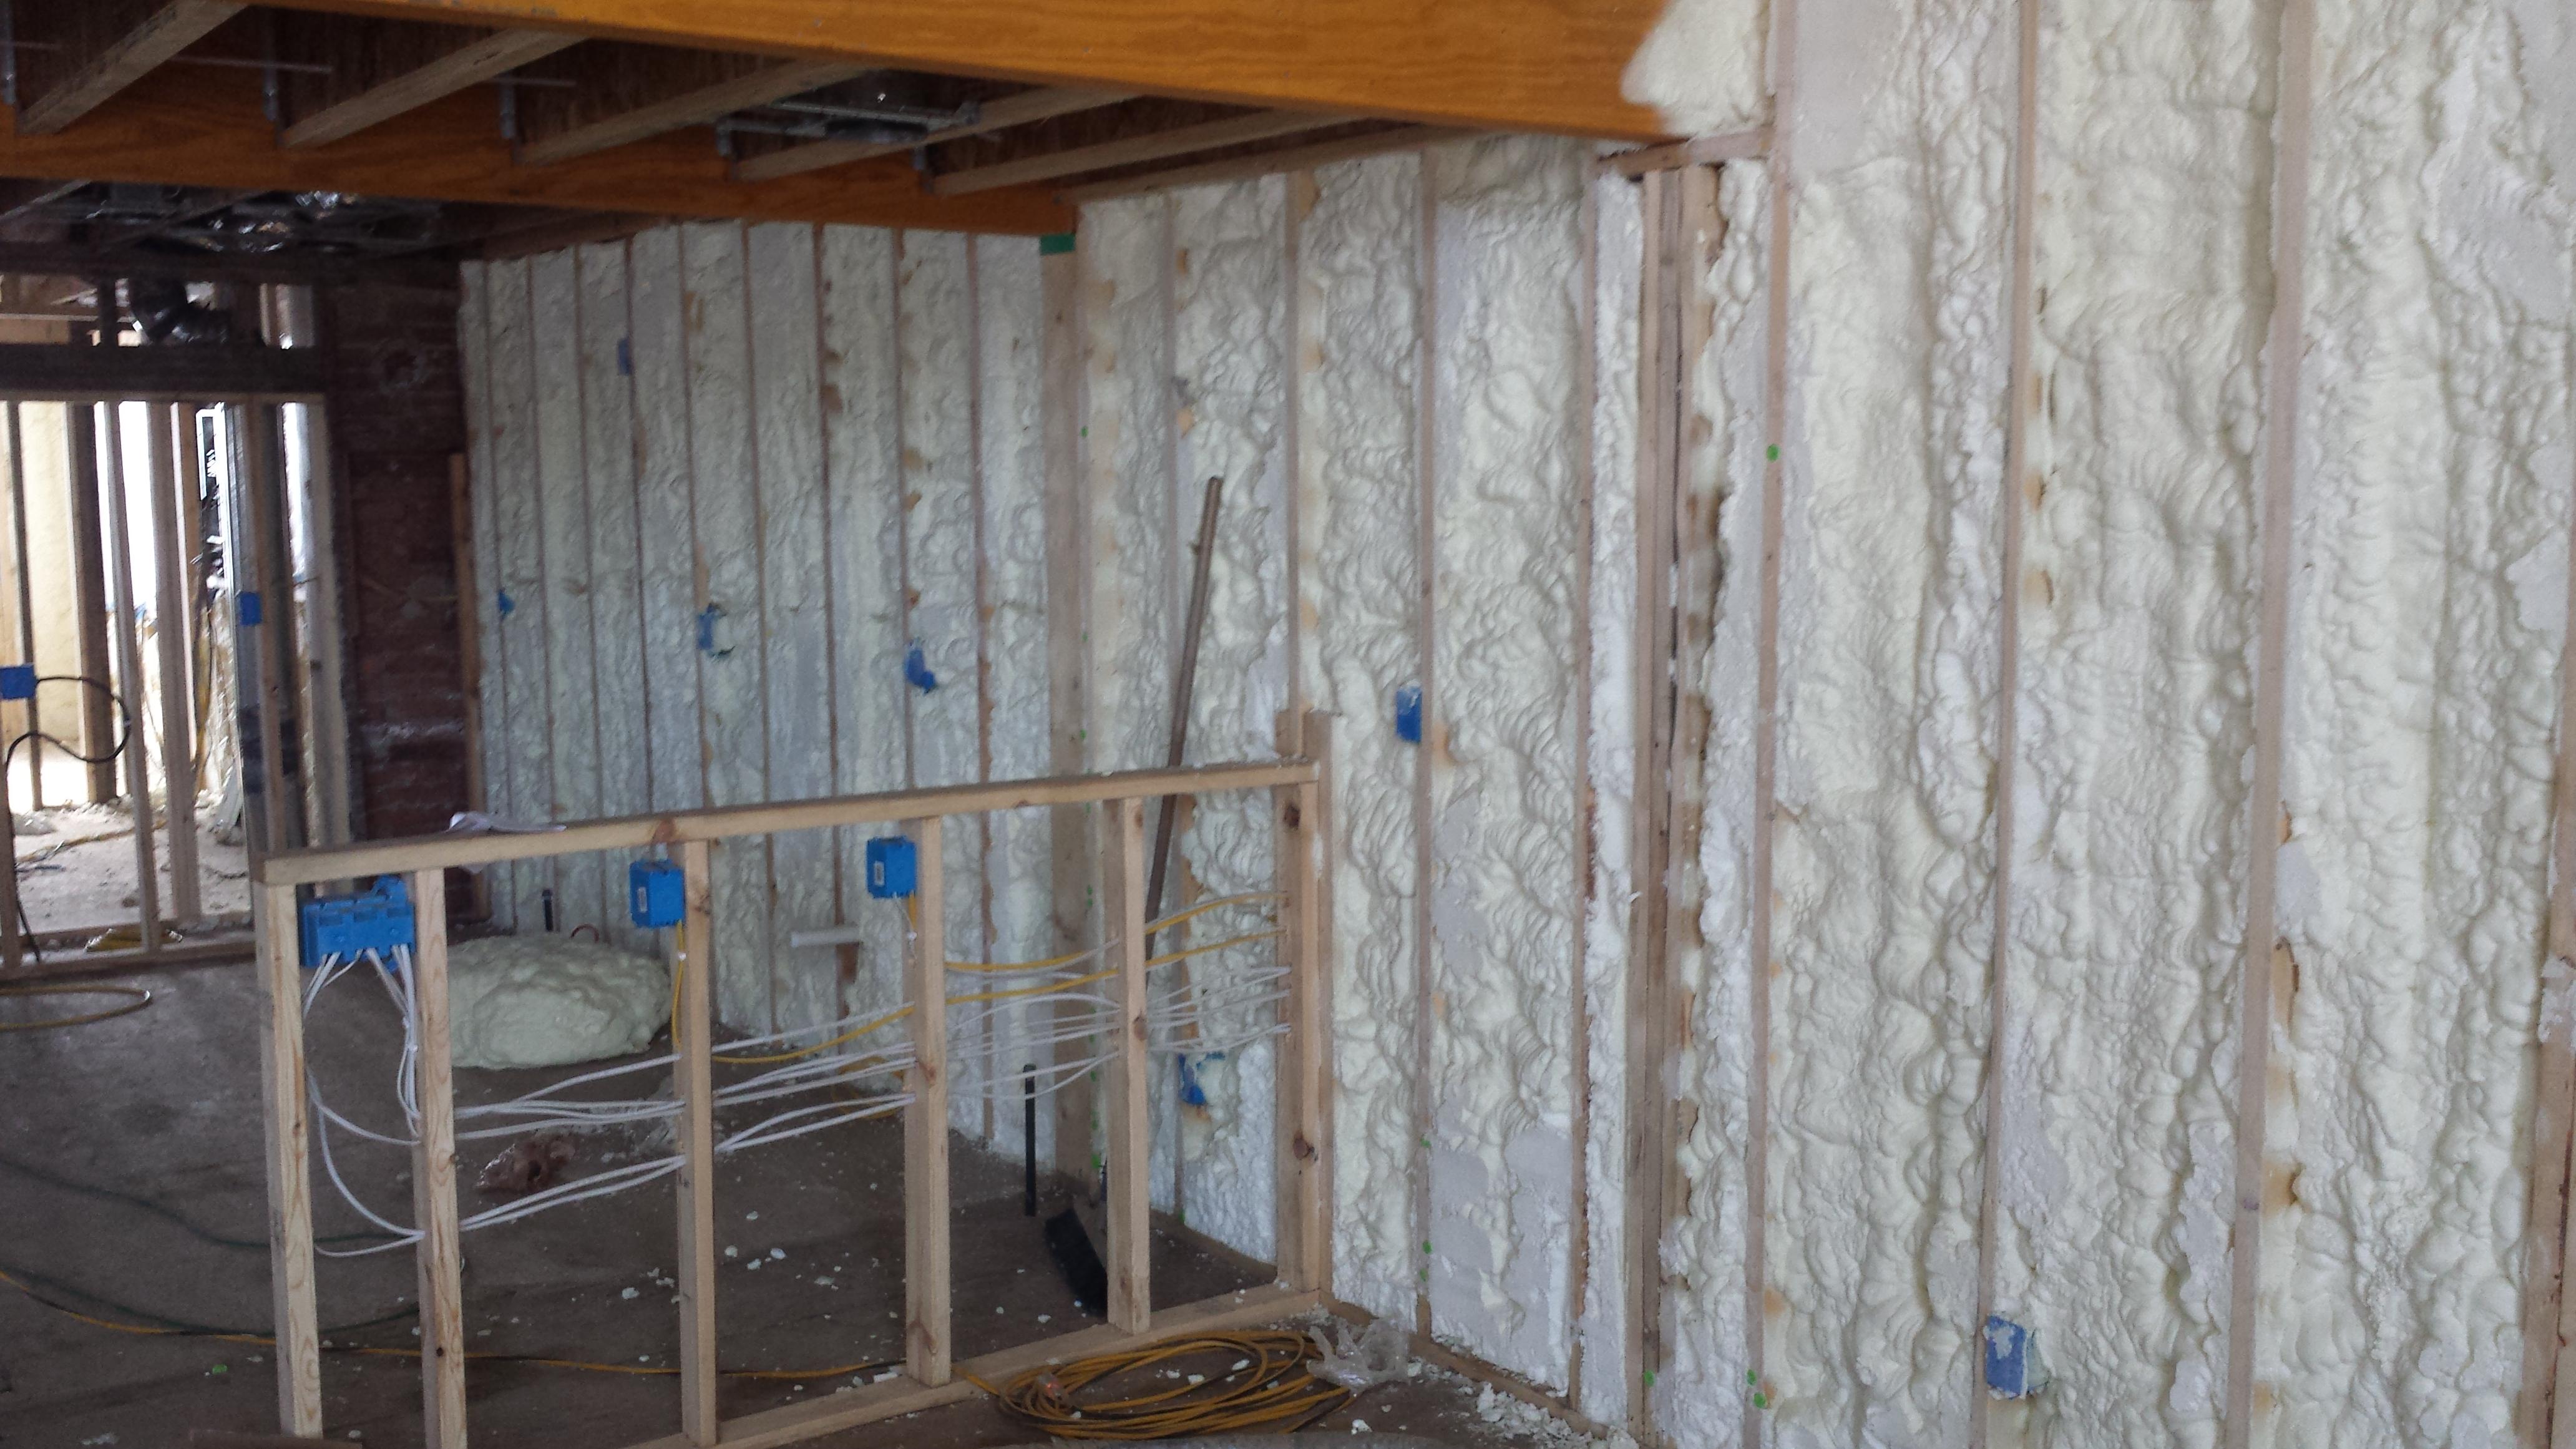 U S  Spray Foam Rentals: Projects | U S  Spray Foam Rentals